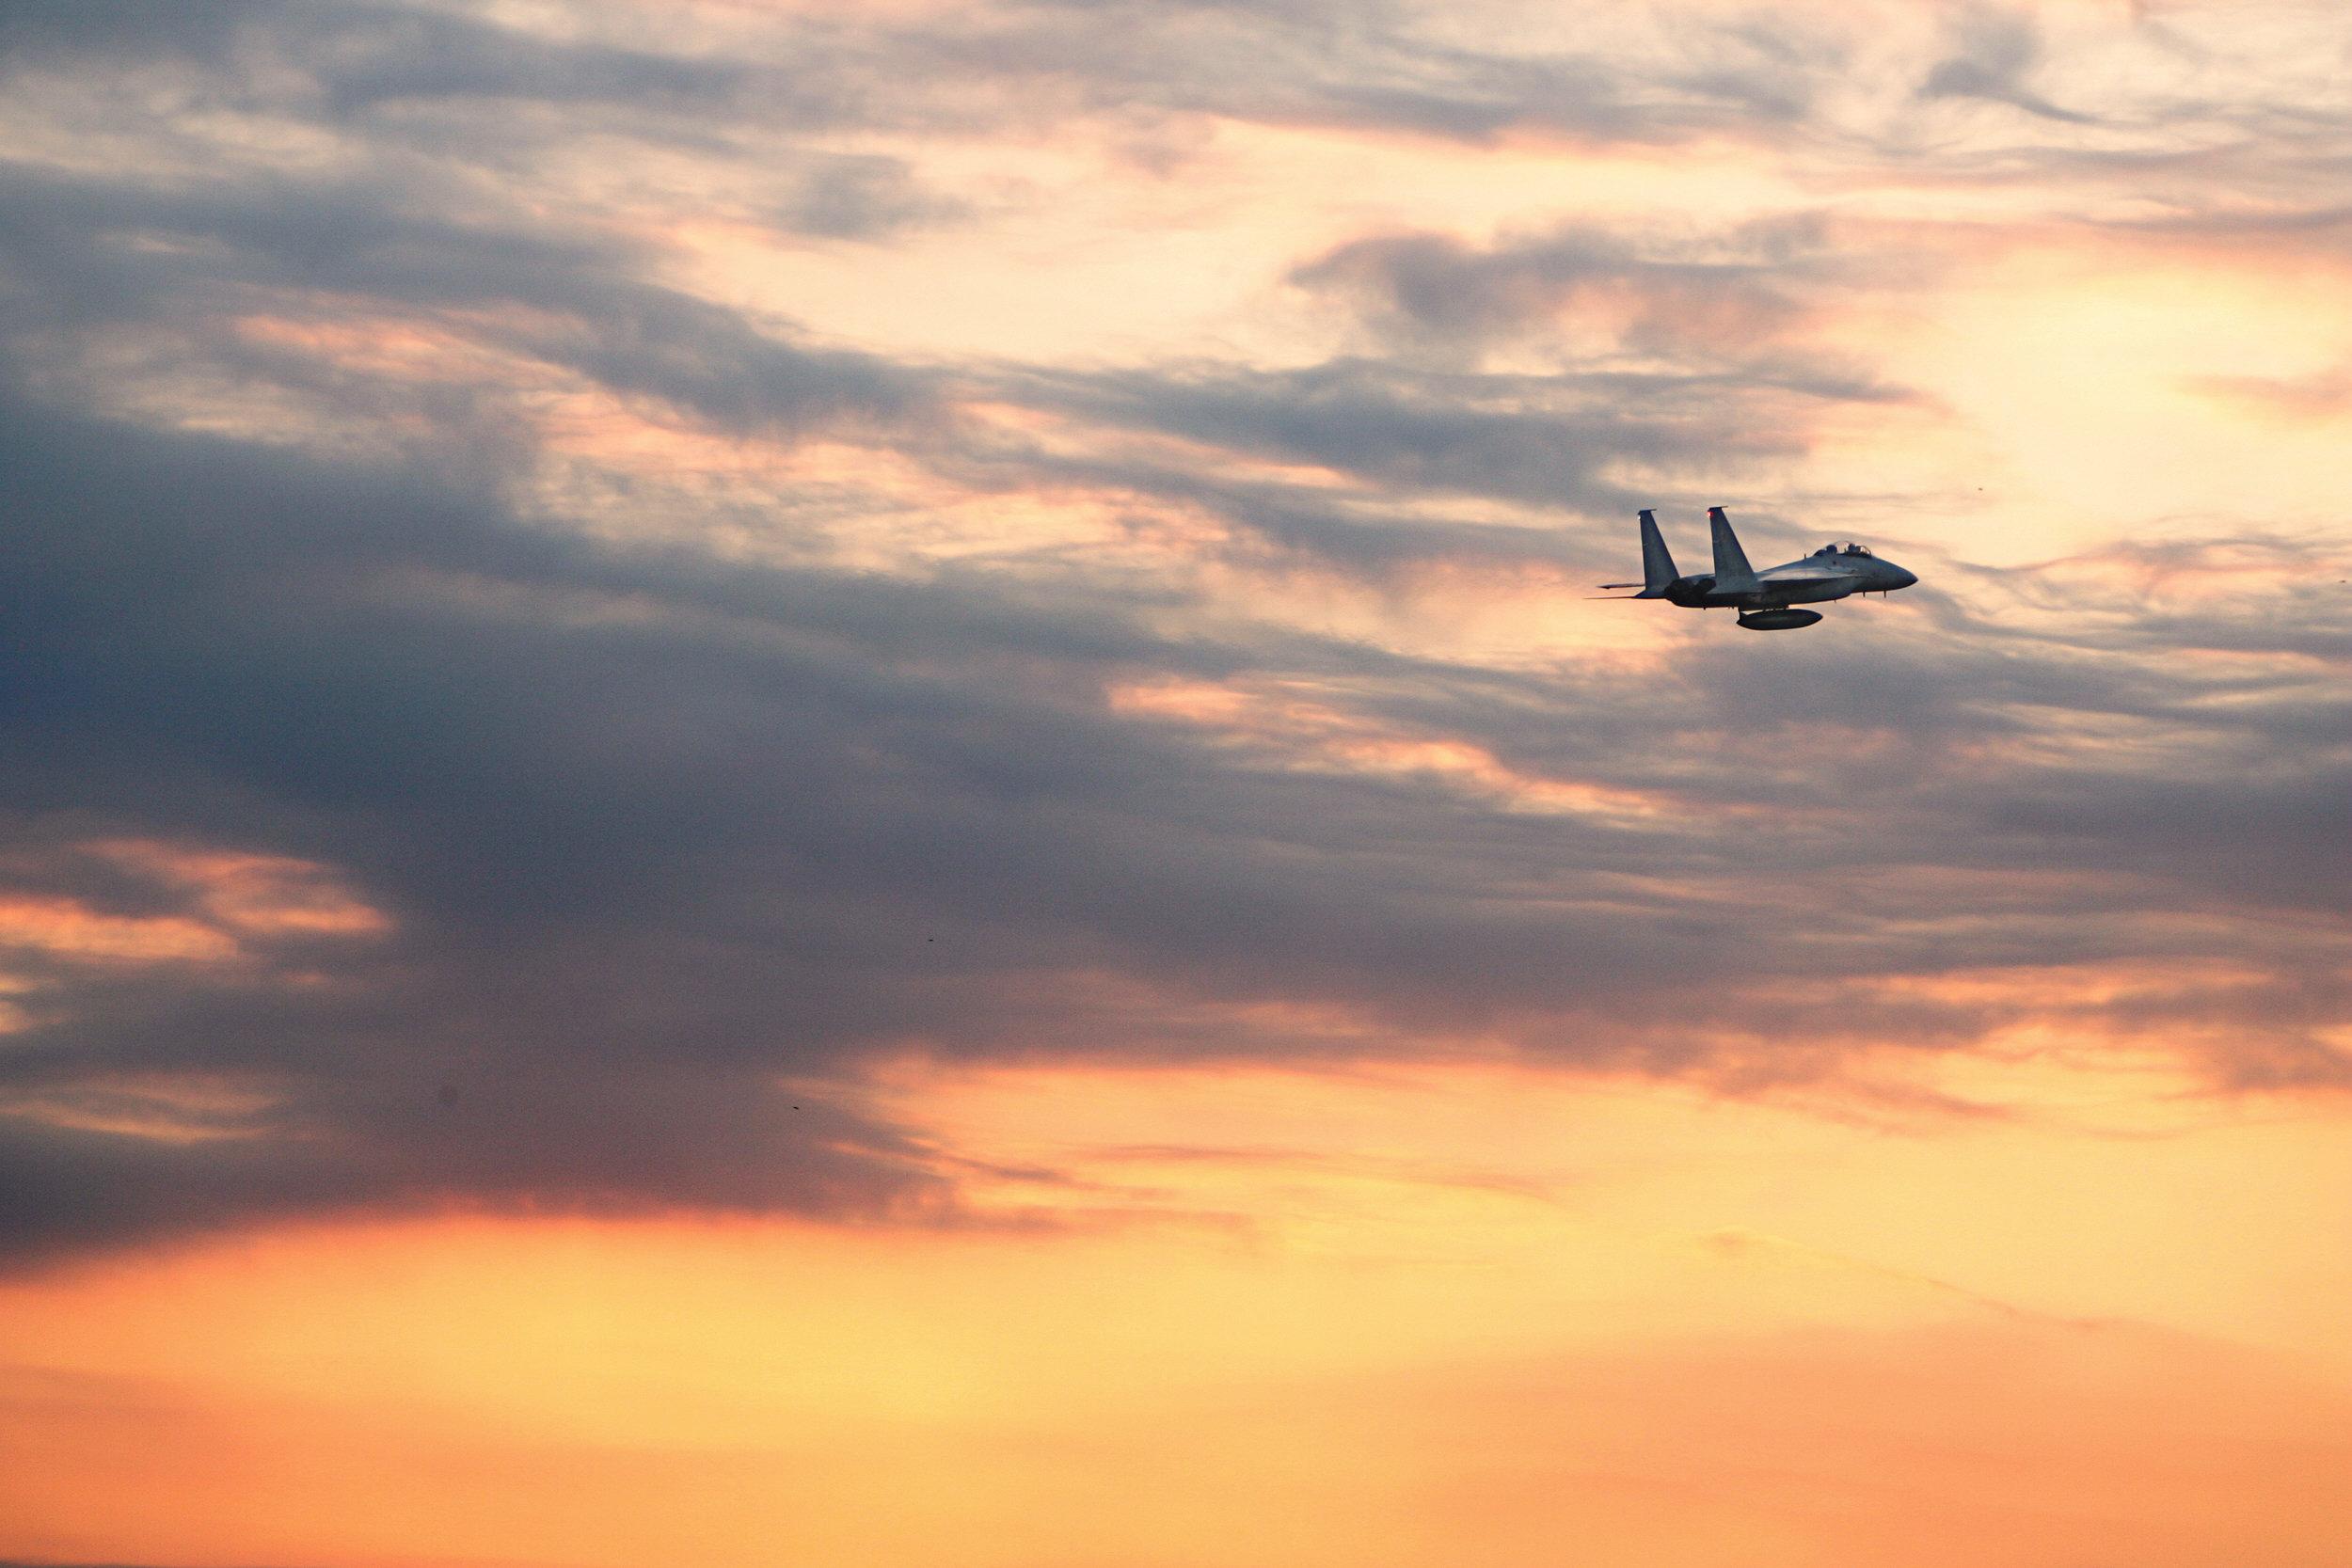 Le Japon envoie des avions de chasse près d'îles disputées avec la Chine